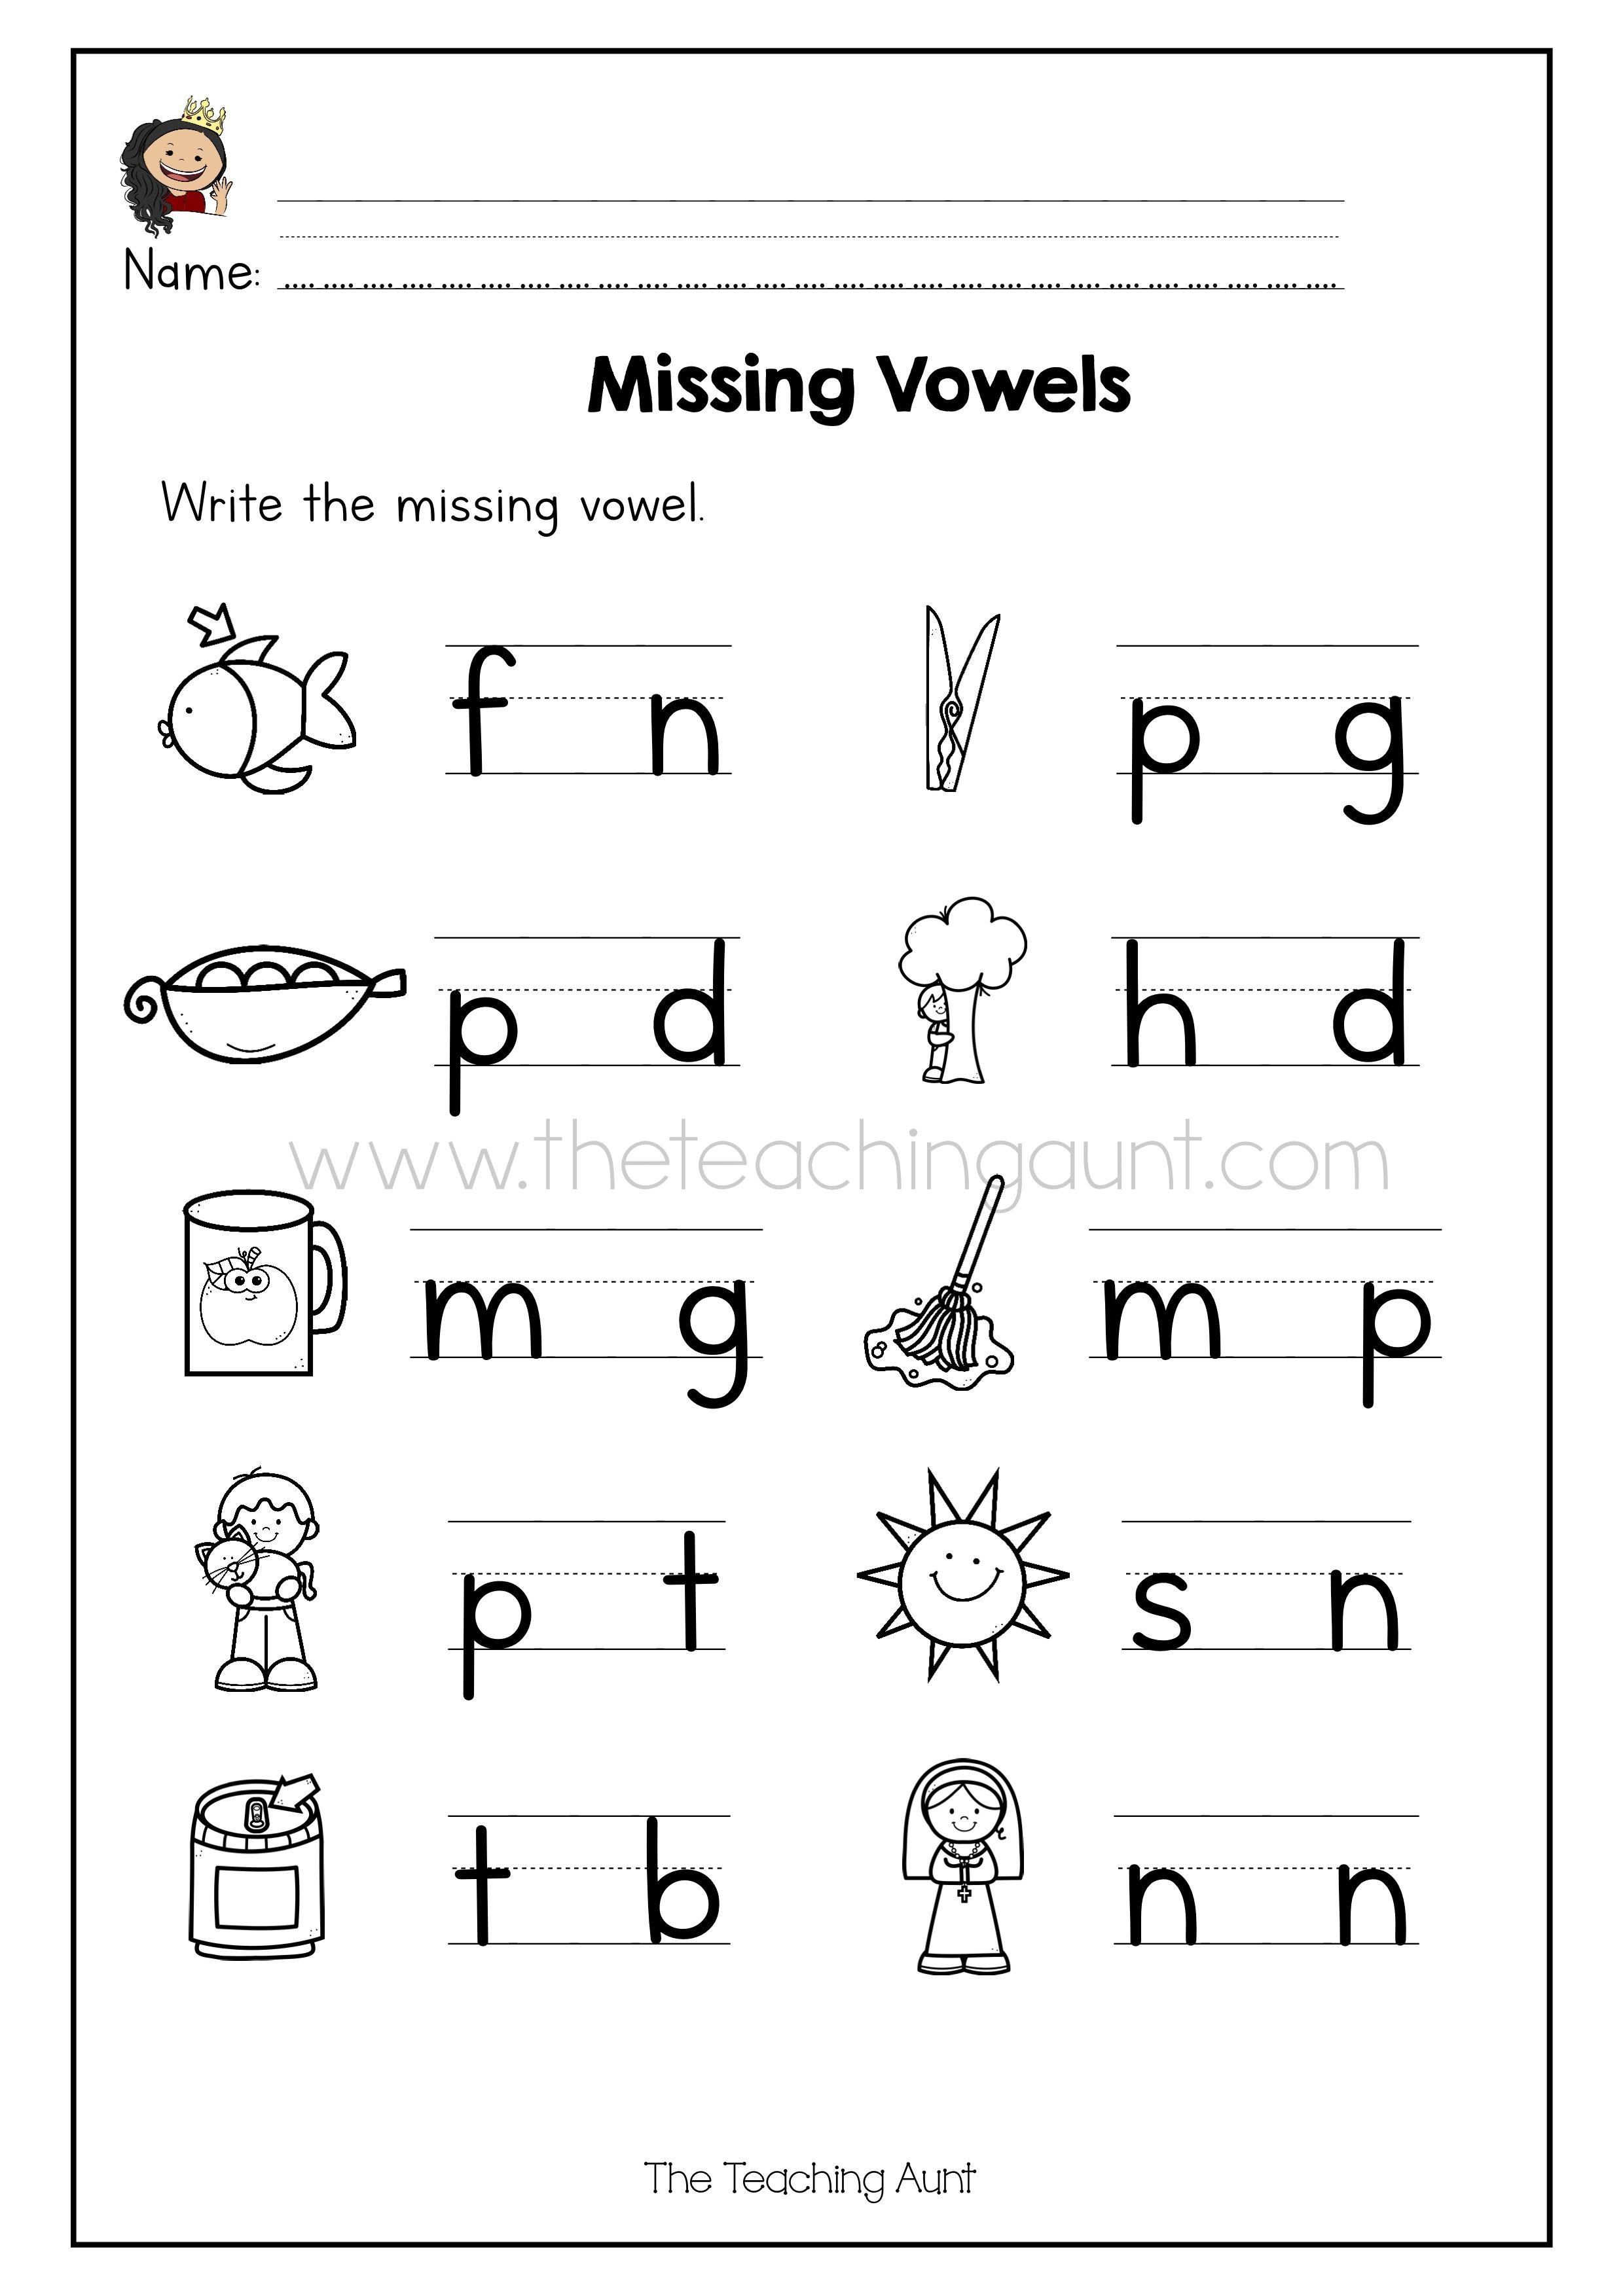 Missing Vowel Worksheets For Kindergarten The Teaching Aunt In 2020 Vowel Worksheets Cvc Words Worksheets Kindergarten Worksheets